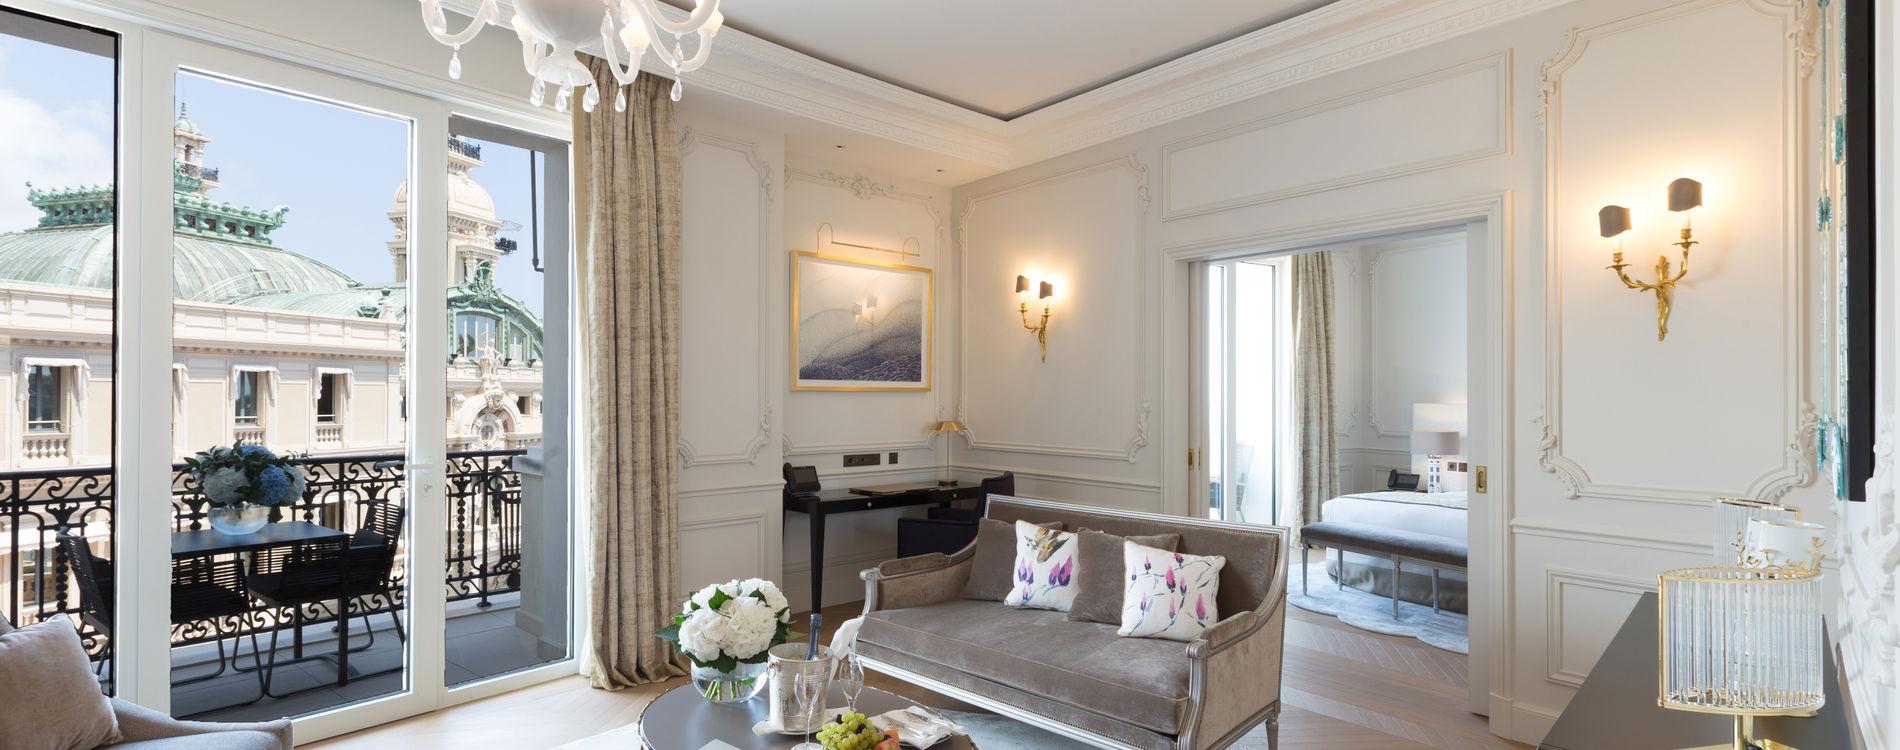 Hôtel de Paris - Suite vue mer - Terrasse - Accueil VIP - 397-398